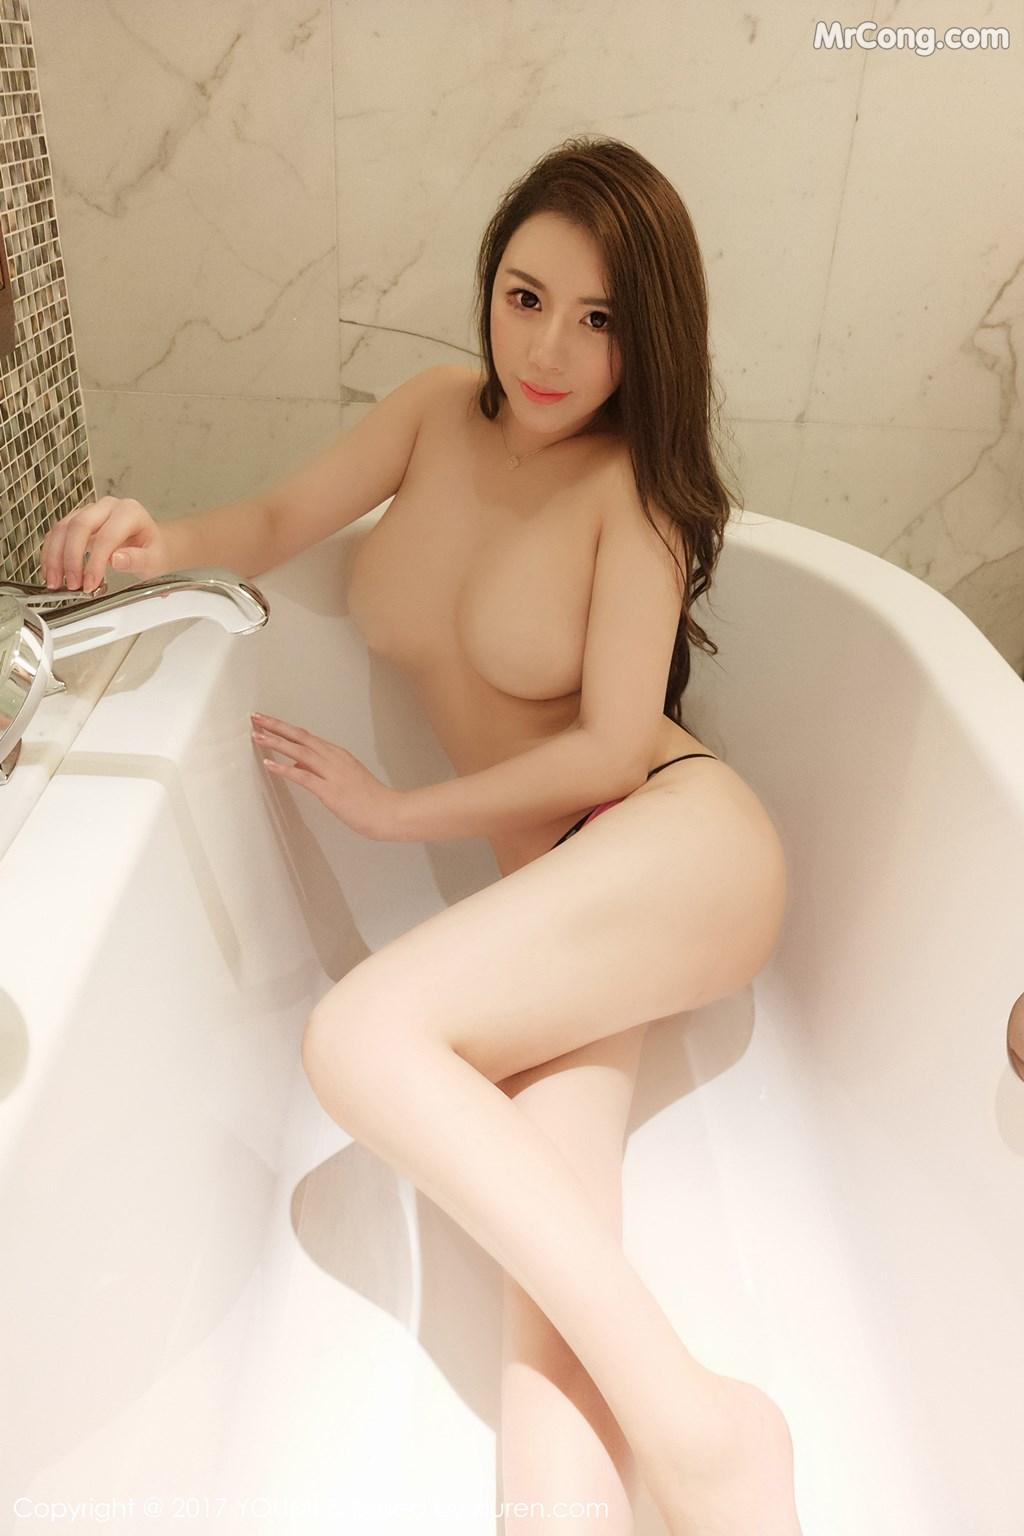 Image YouMi-Vol.076-egg-MrCong.com-028 in post YouMi Vol.076: Người mẫu 蛋蛋_egg (41 ảnh)